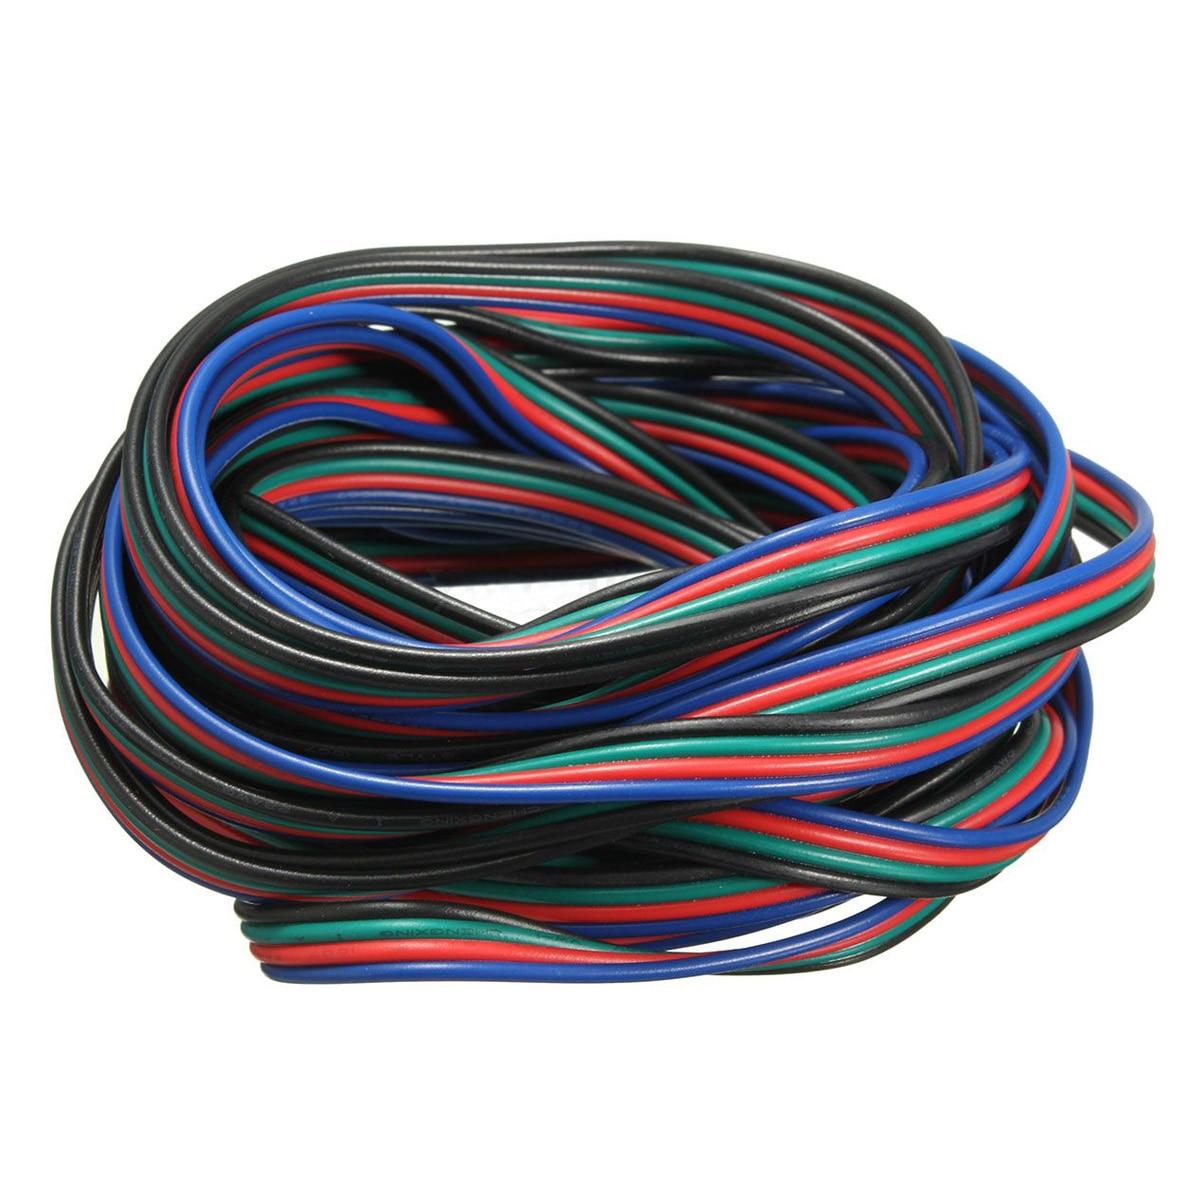 Cordon de câble de connecteur dextension de fil de 4 bornes pour la bande 3528 5050 de LED rvb connecteur coloré 5M